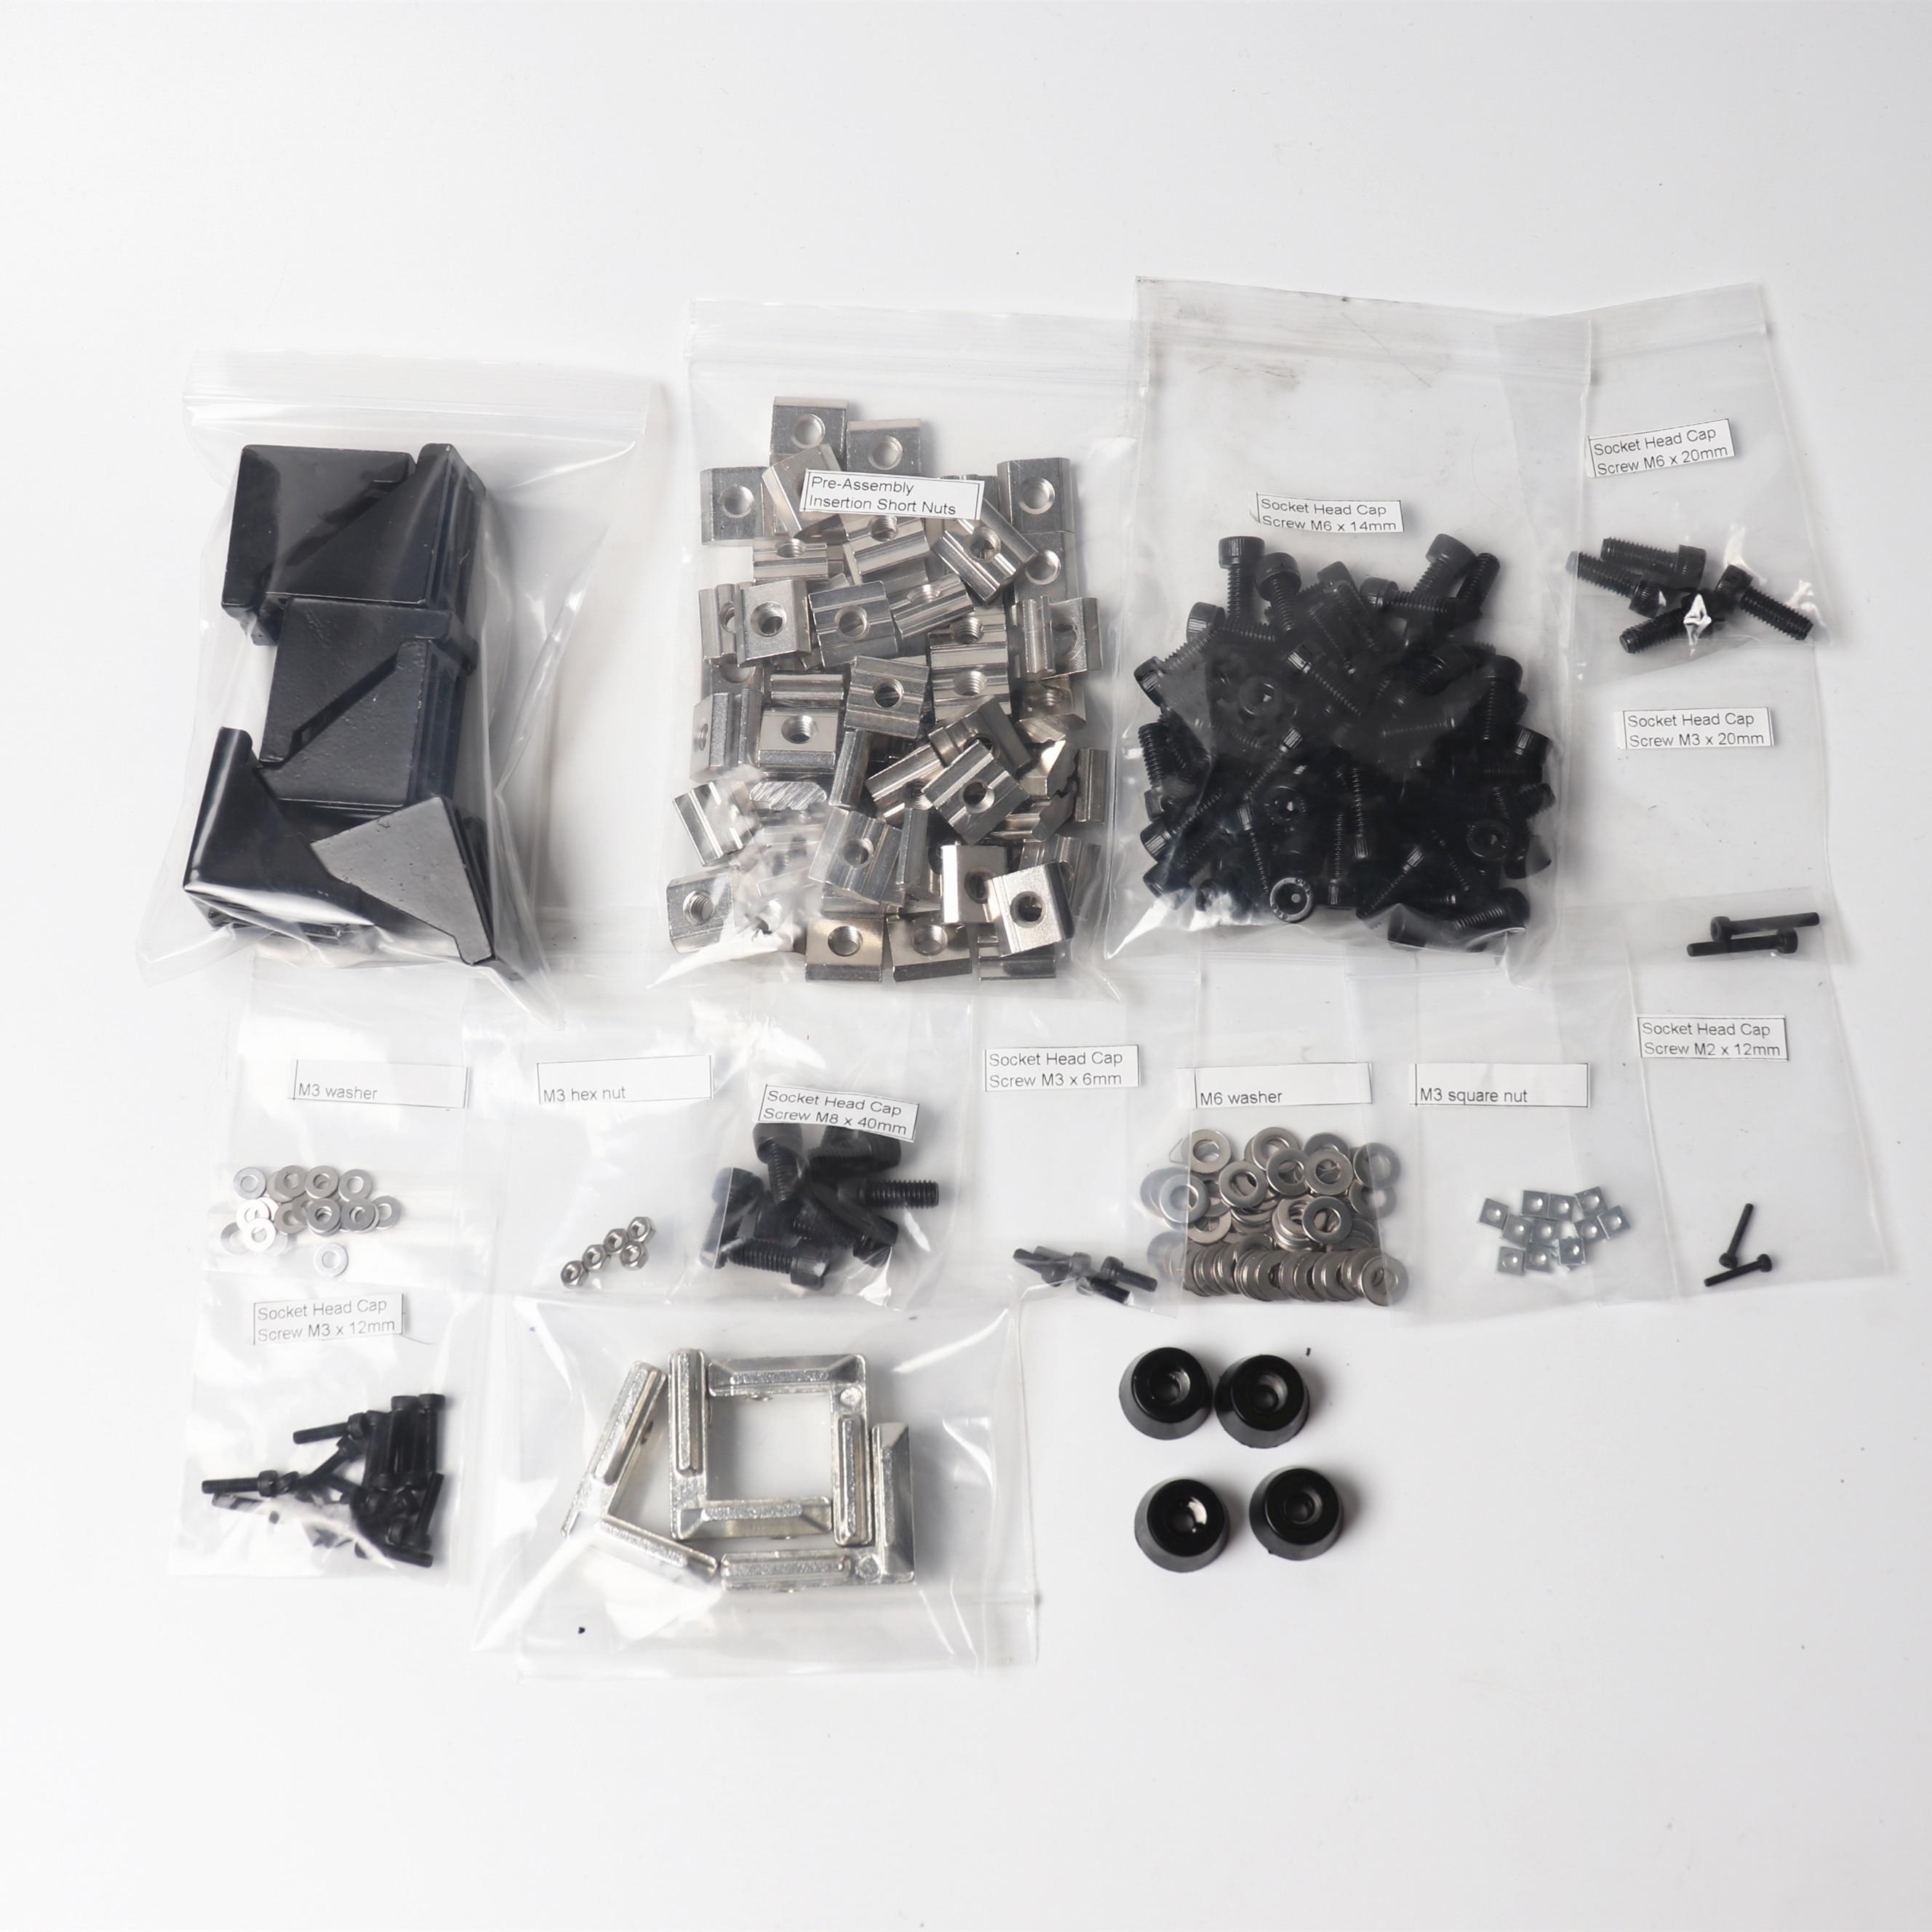 Screws nuts kit for upgrading  Prusa i3 mk2/mk3 Zaribo/Haribo 3d printer DIY